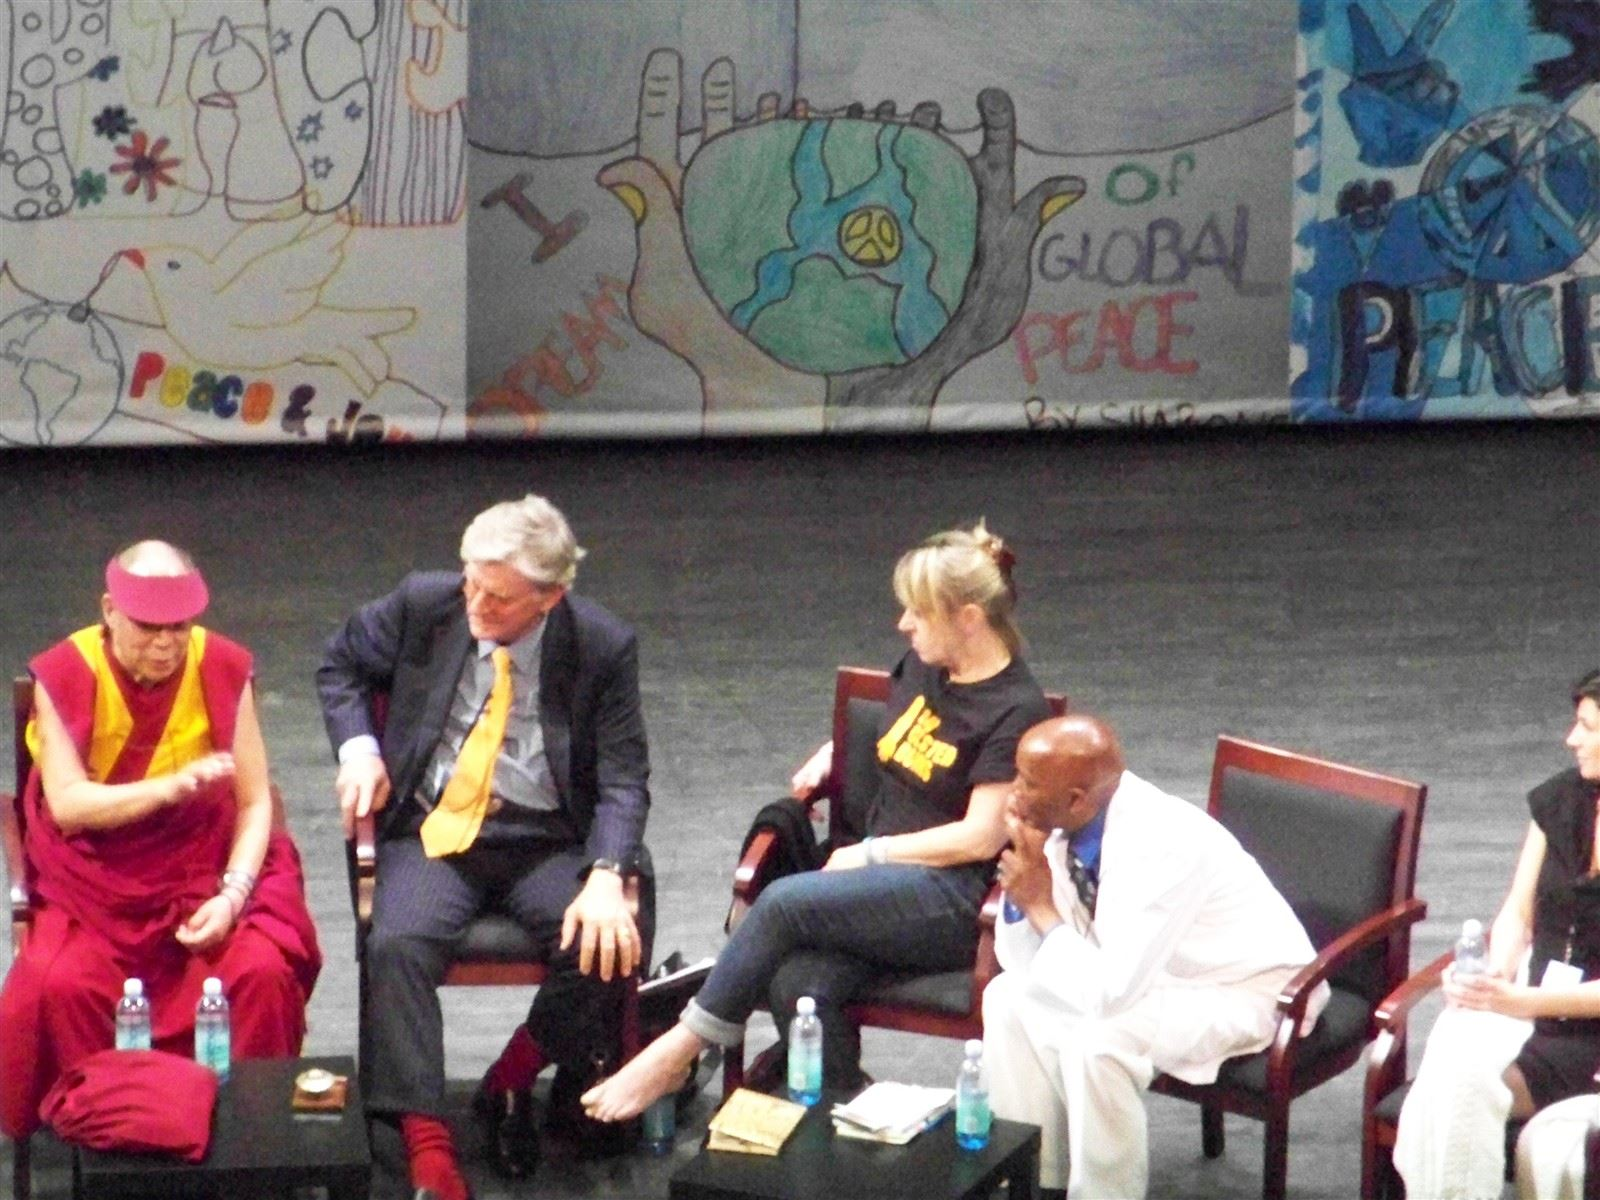 """His Holiness the Dalai Lama : His Holiness the Dalai Lama, Moderator Robert Thurman, Nobel Laureate Jody Williams, Newark's Earl """"The Street Doctor"""" @NewarkPeace, May 2011"""